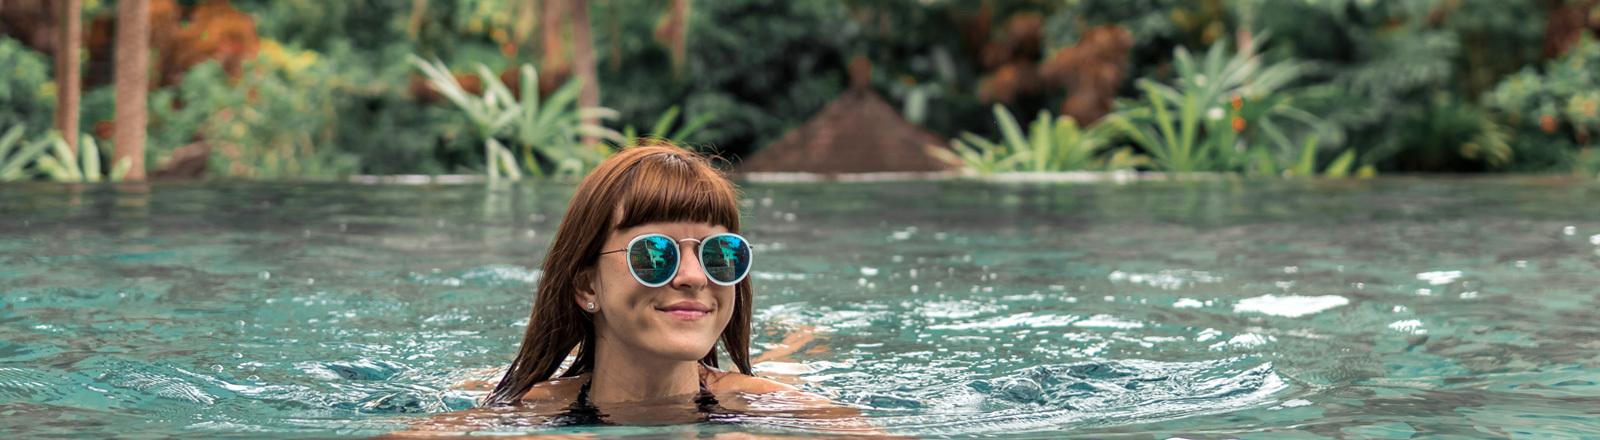 Eine junge Frau schwimmt im Meer - sie trägt eine Sonnenbrille. im Hintergrund sind Palmen.